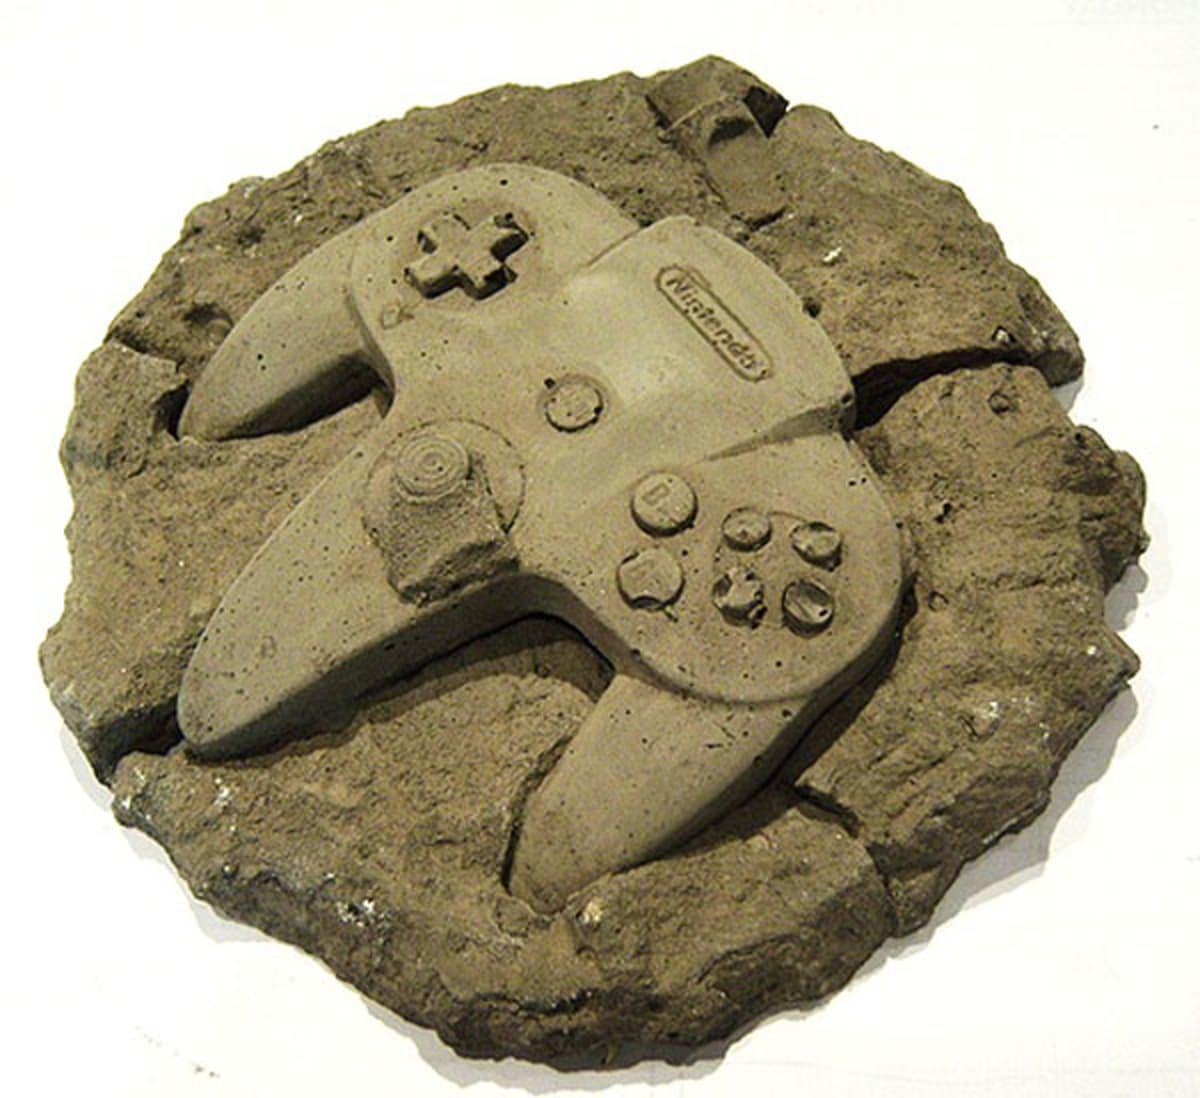 Какие сайты продают древние артефакты